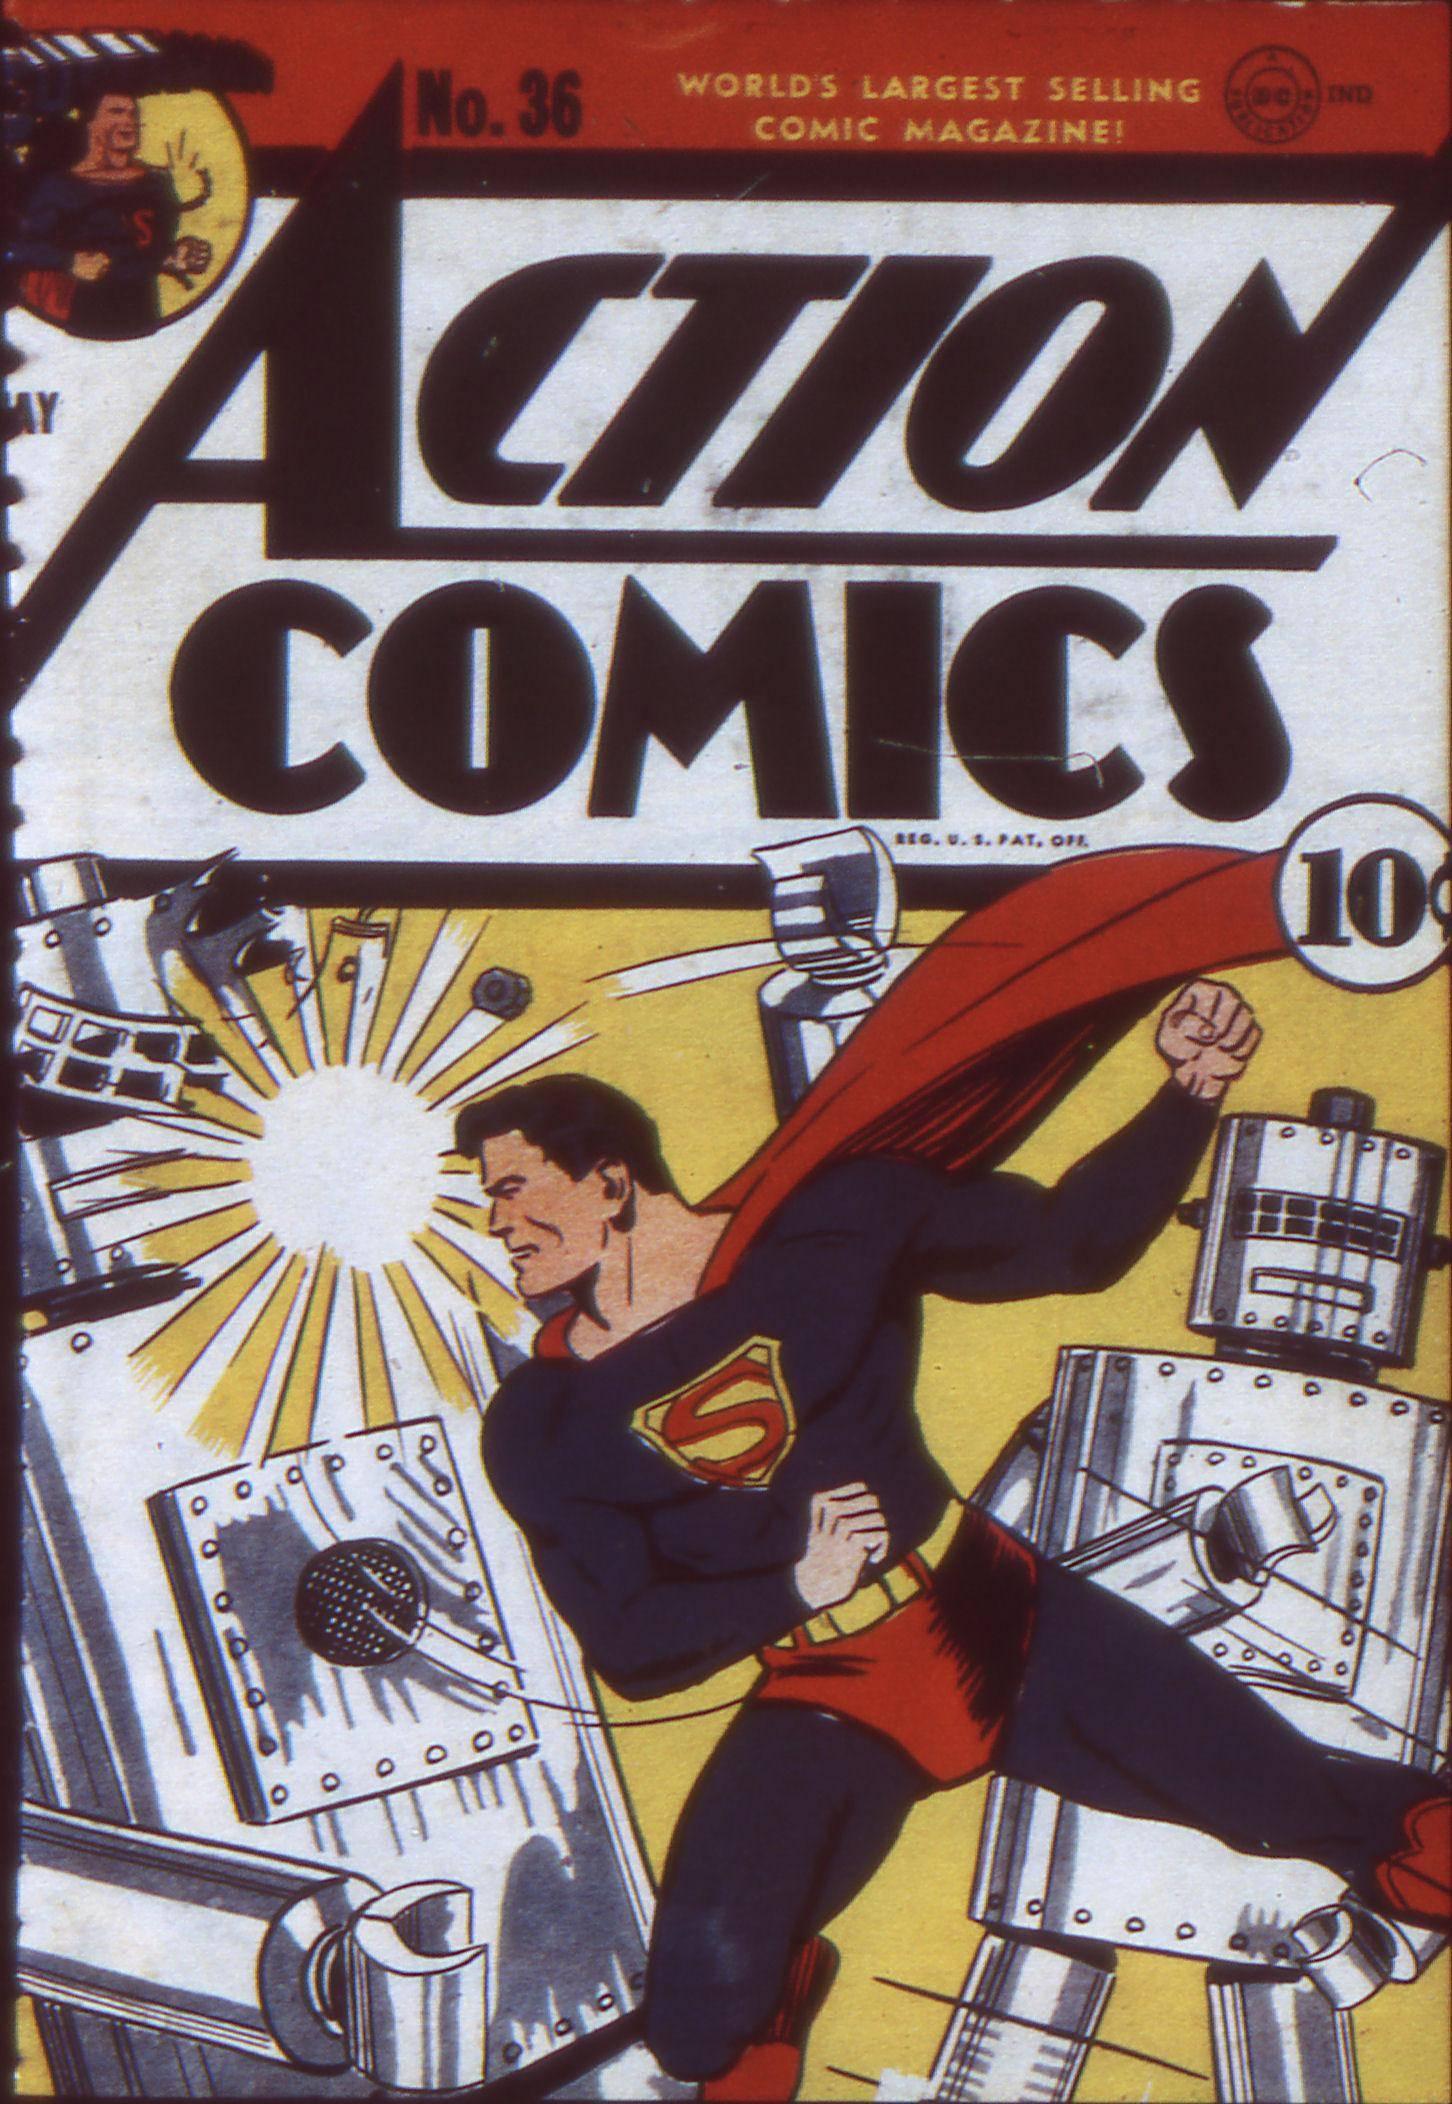 18 Action Comics 036F 1941 c2c ow ont par2 5615 MB www usenet space cowboys online